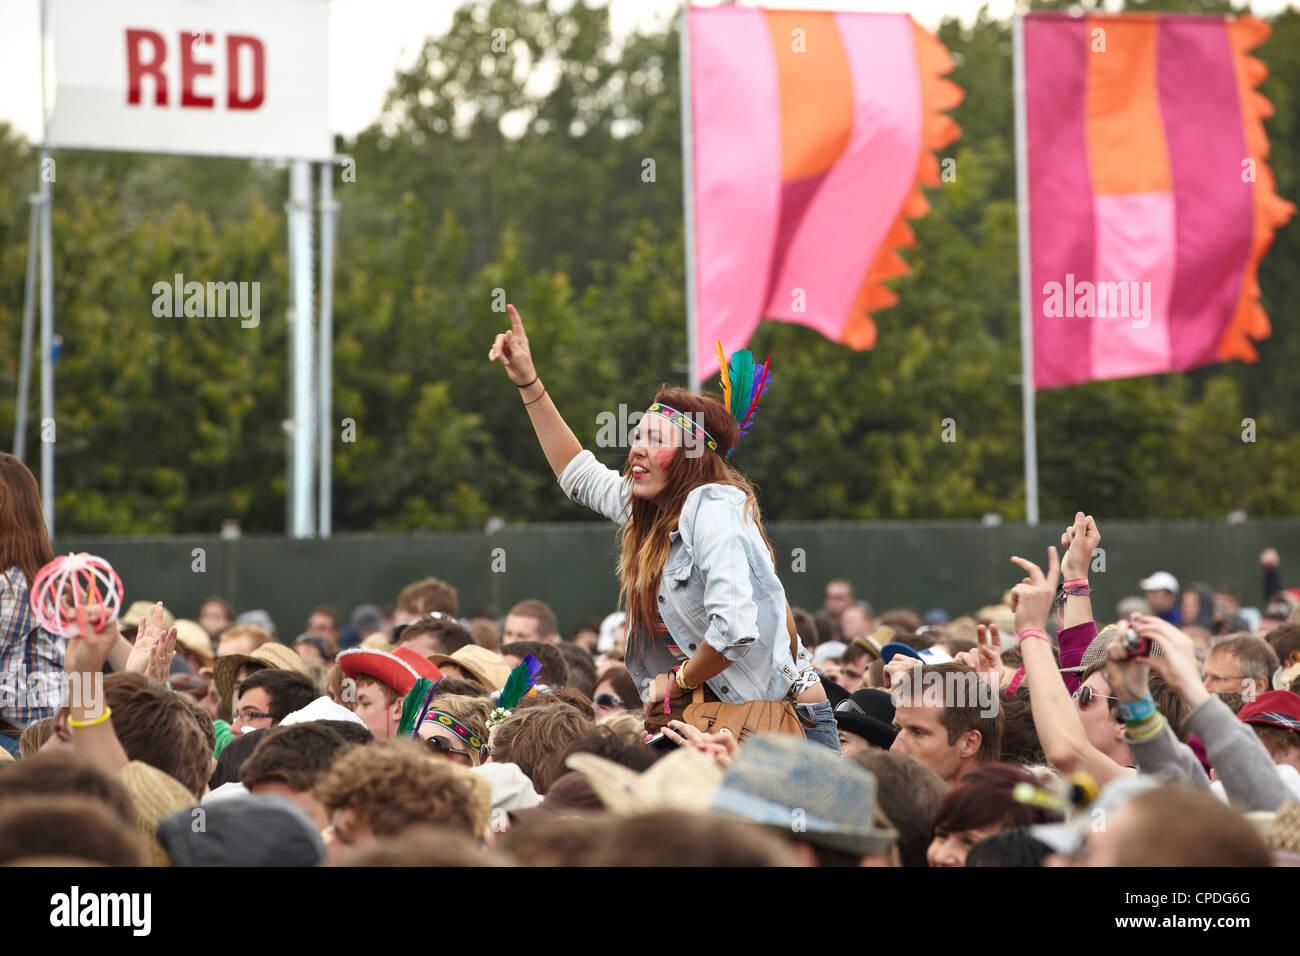 Niña en un festival de música en los hombros de la multitud aclamando Imagen De Stock